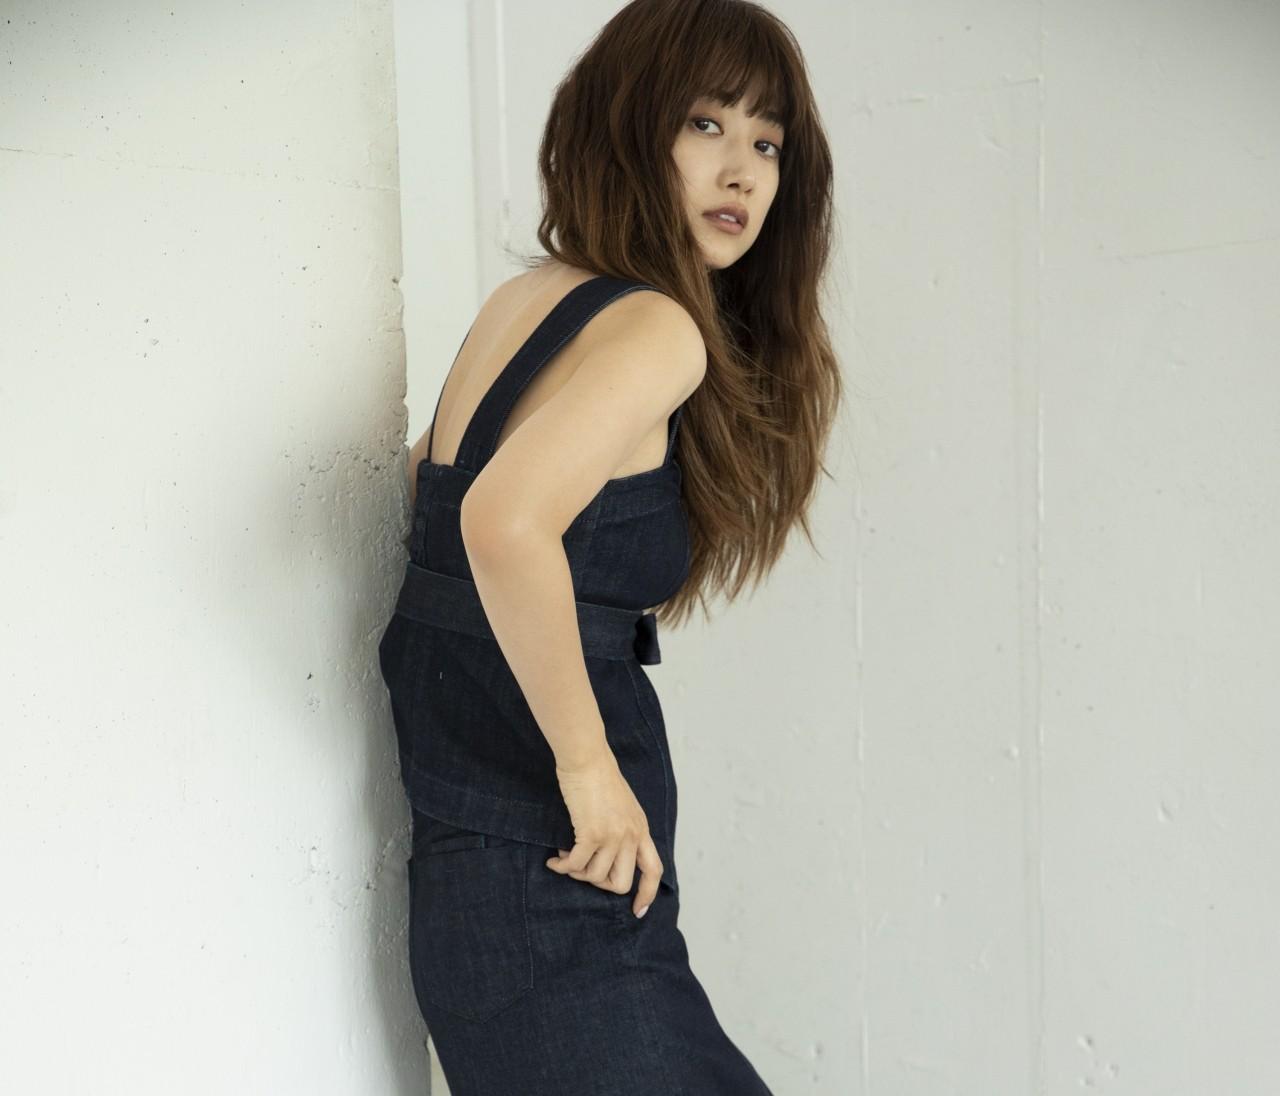 モデル・ヨンアがディレクションする 「COEL」と「YANUK」のコラボデニムに最高におしゃれ♡